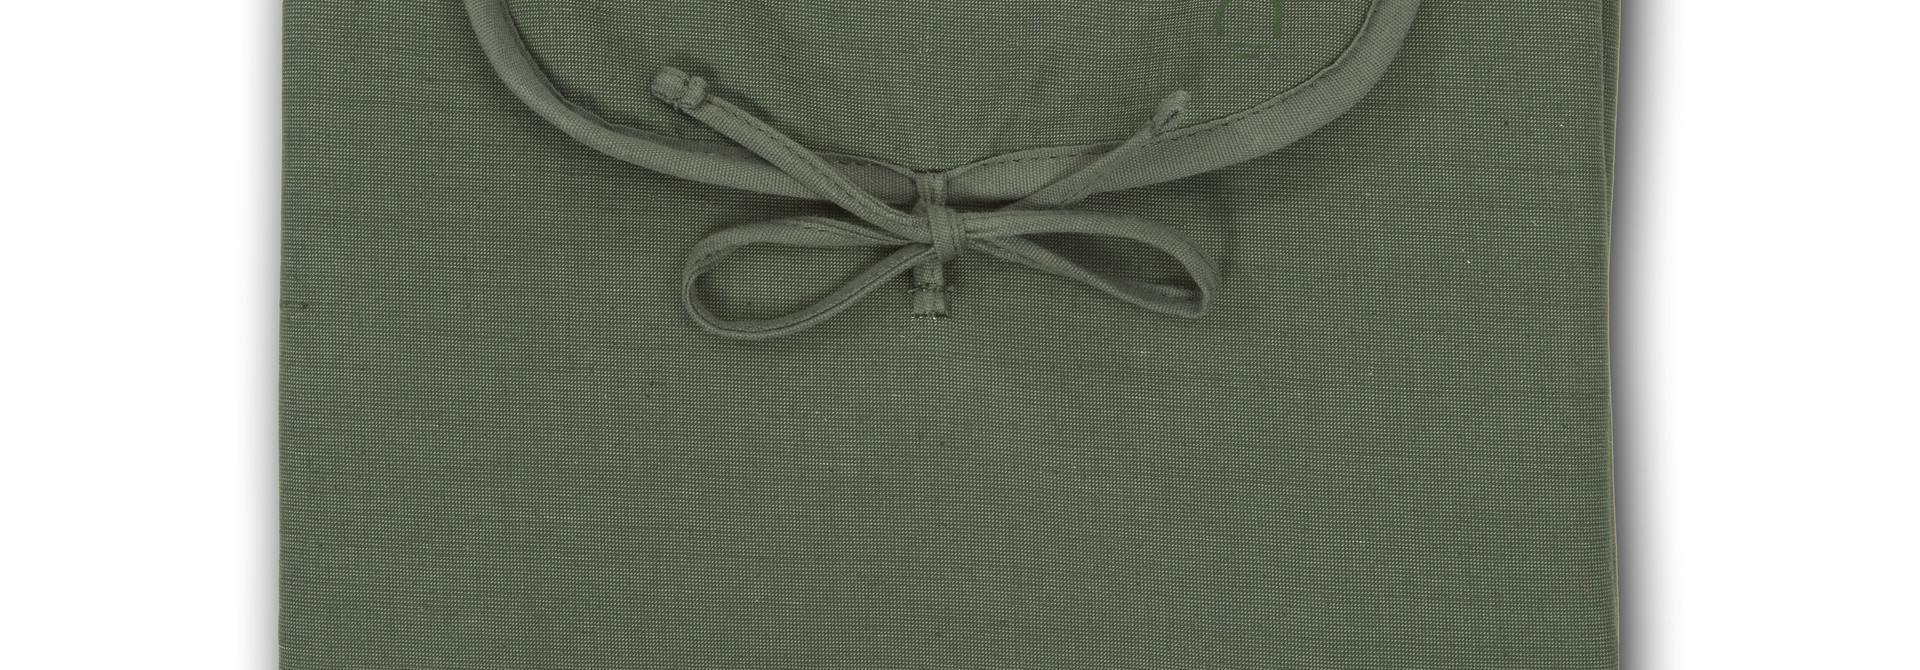 Changing Mat  -  Cotton blend - Marram Green